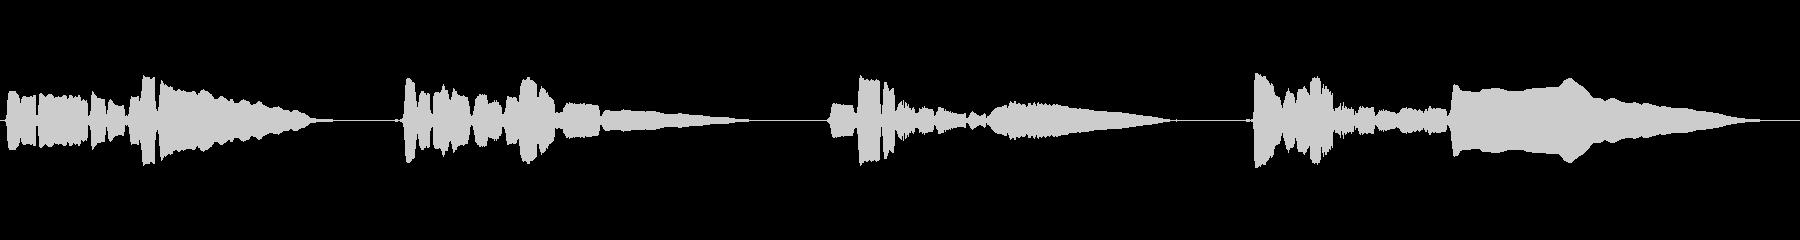 サックスソロ演奏です。暗めのメロの未再生の波形